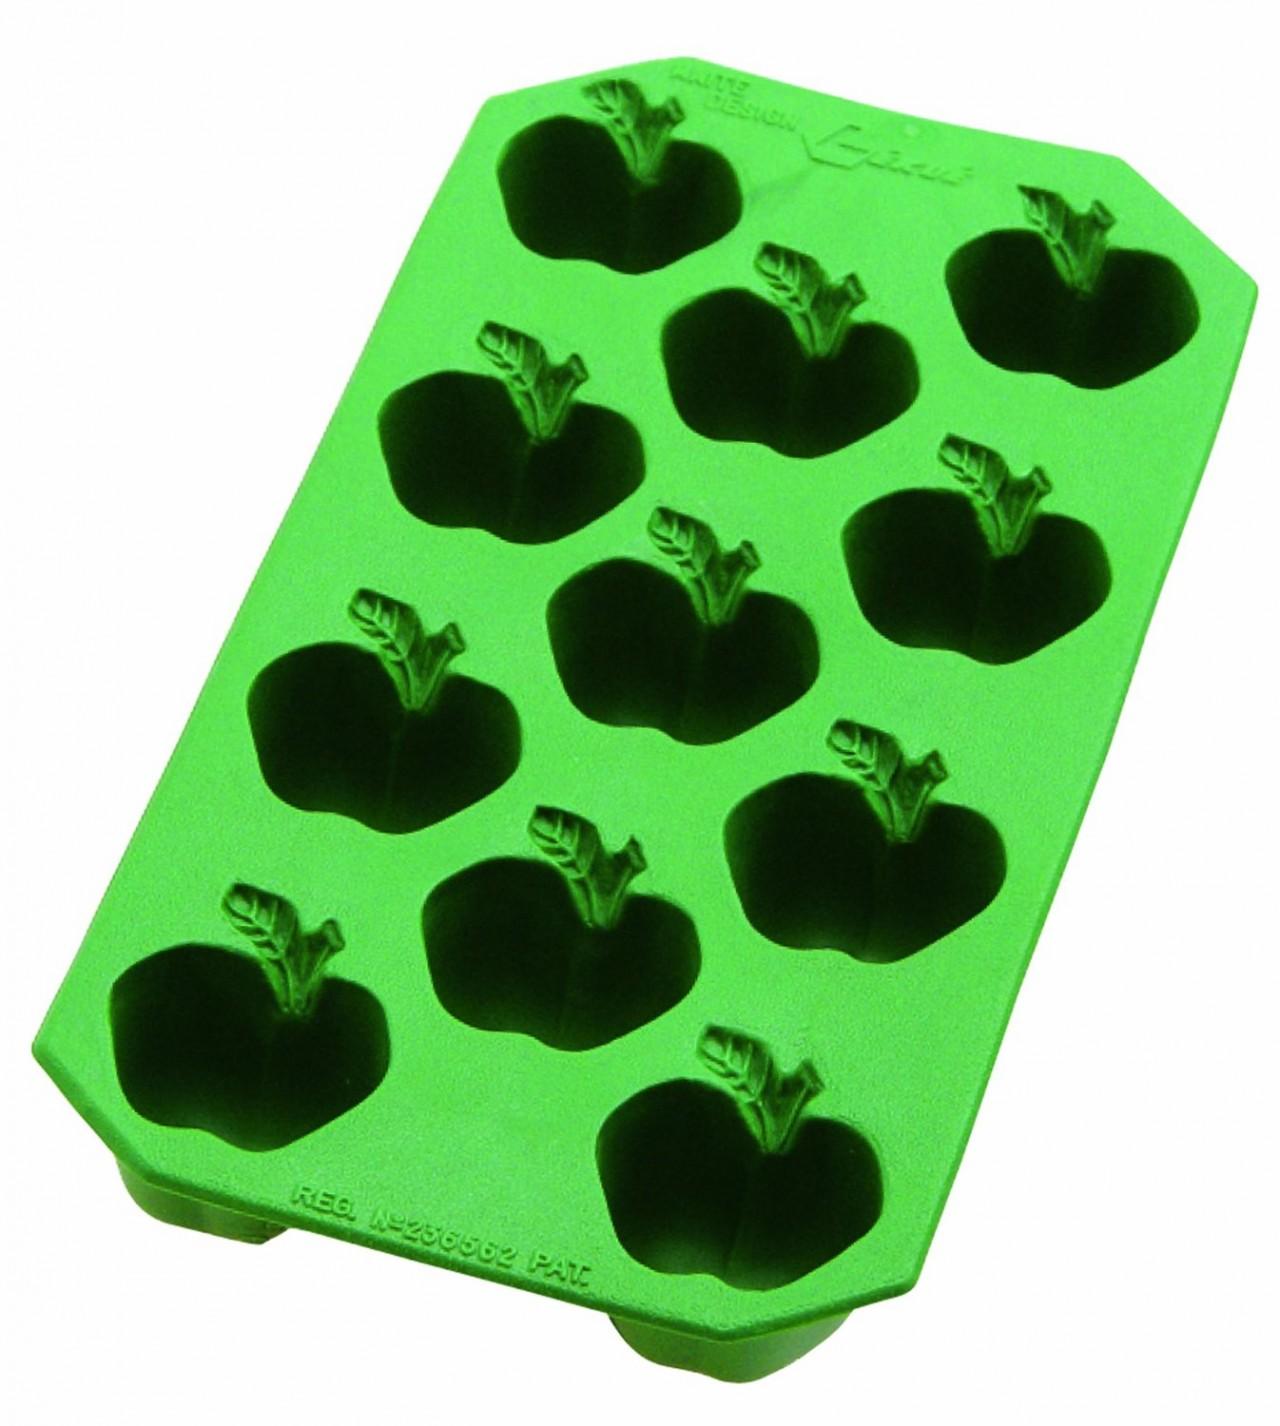 030065 bandeja para hielo manzana color verdejpg